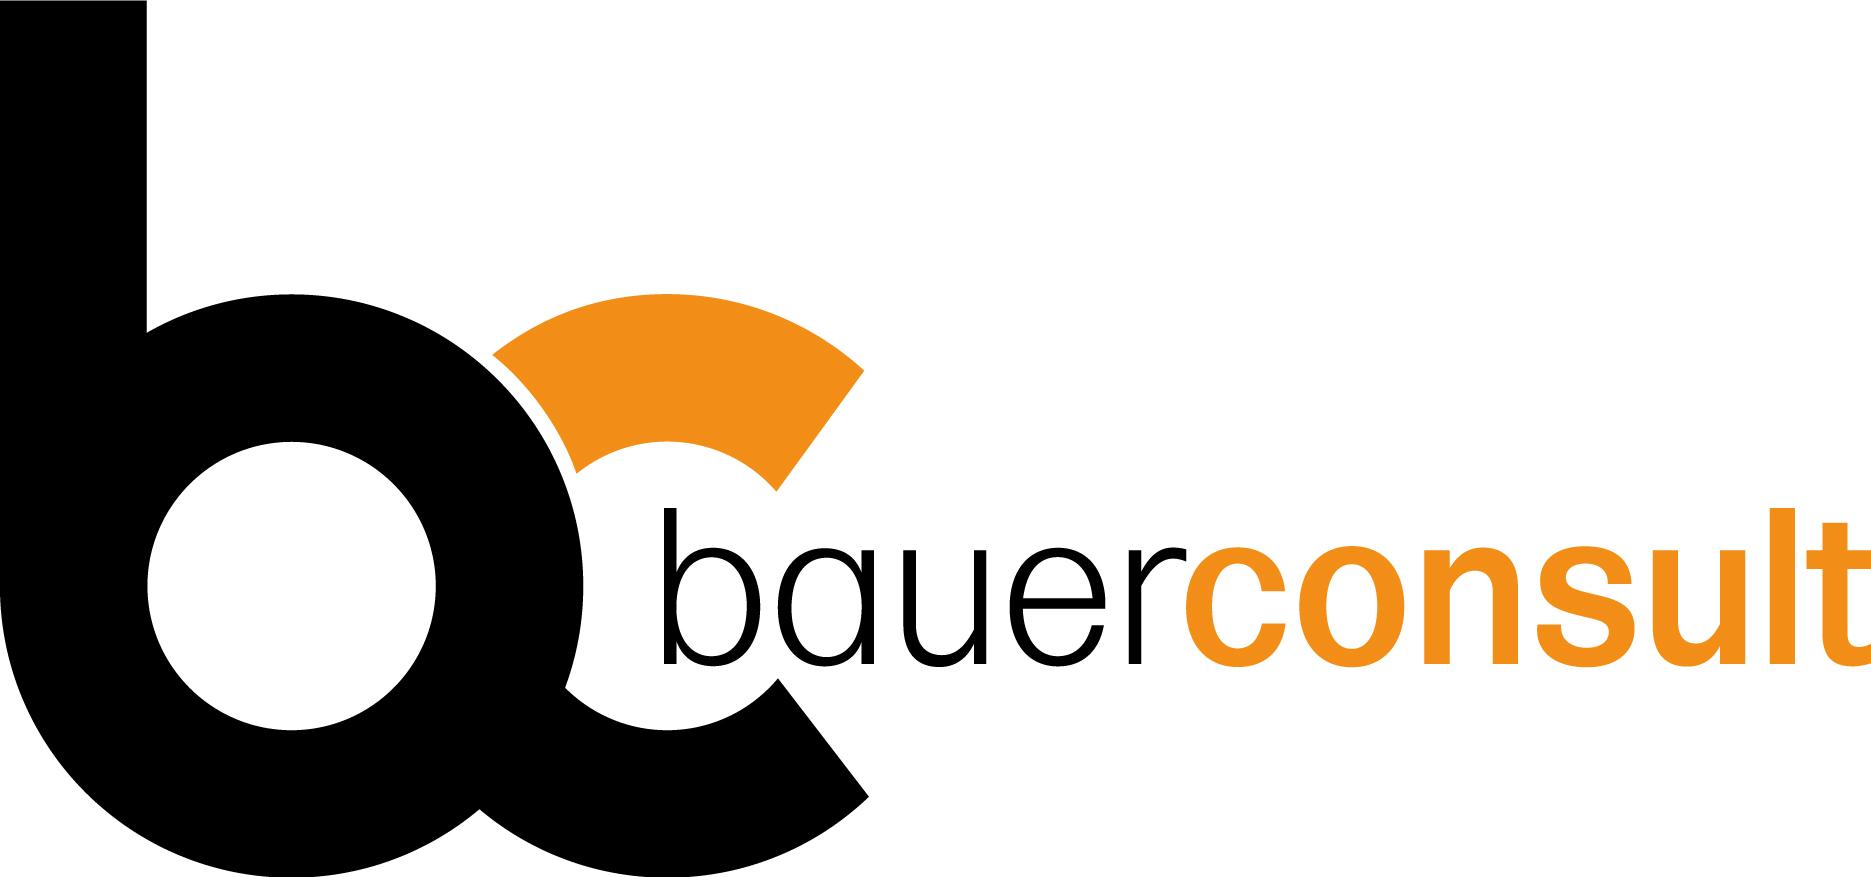 Bauer Consult